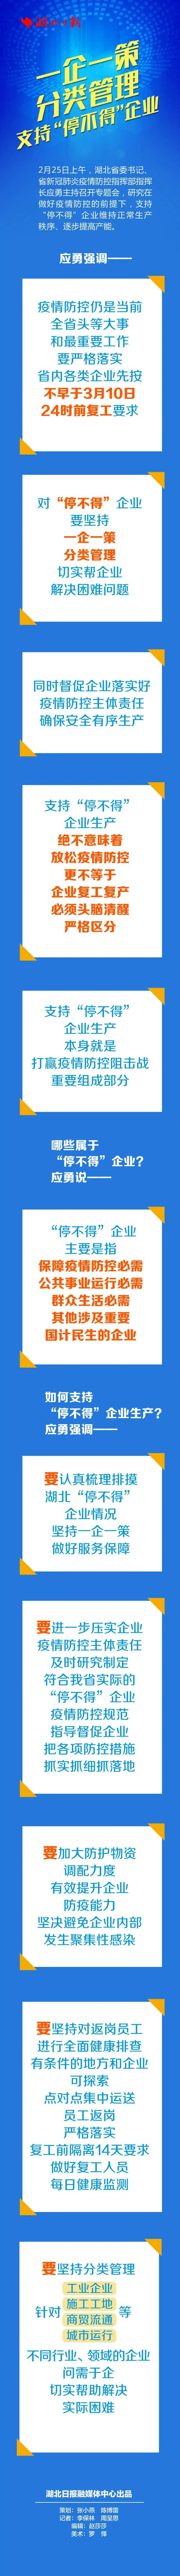 """�@些企�I""""停不得""""!��勇要求""""��需于企""""��头�"""